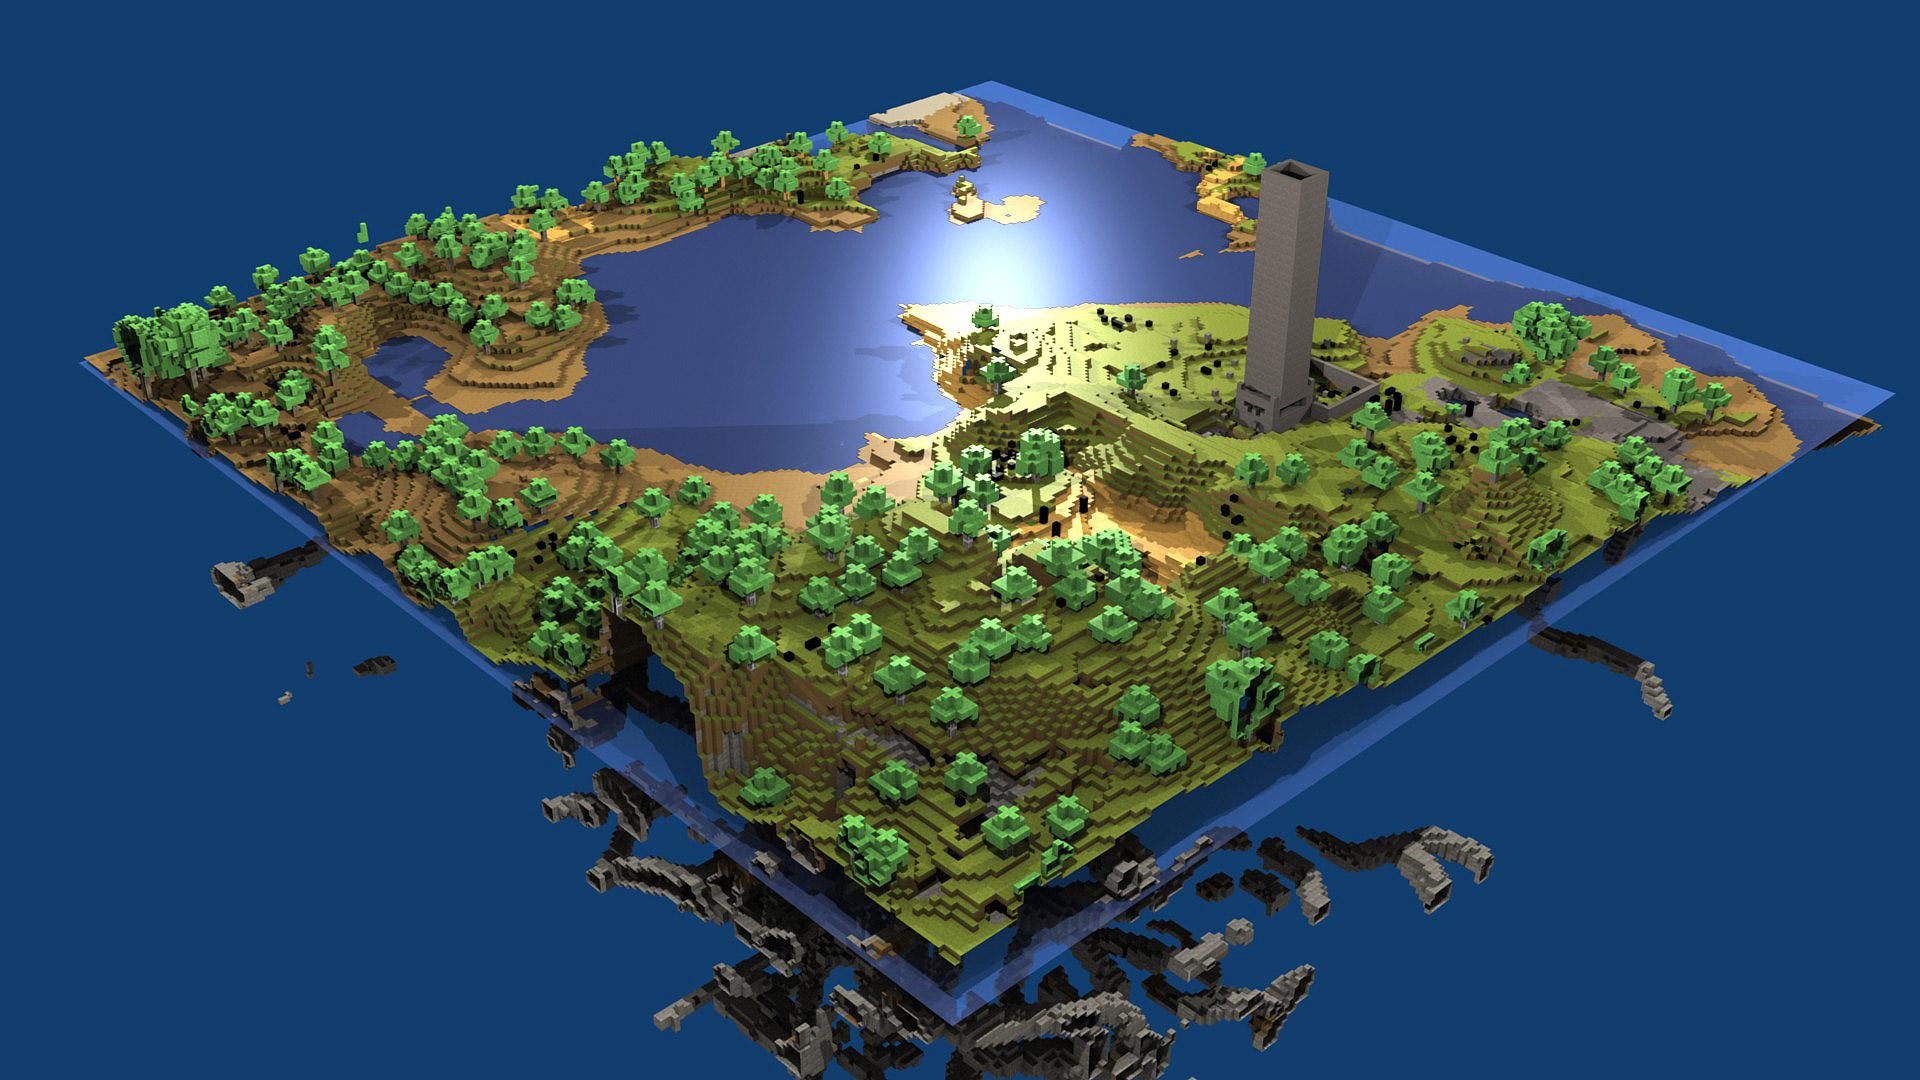 3D layers - Printing GIS Maps